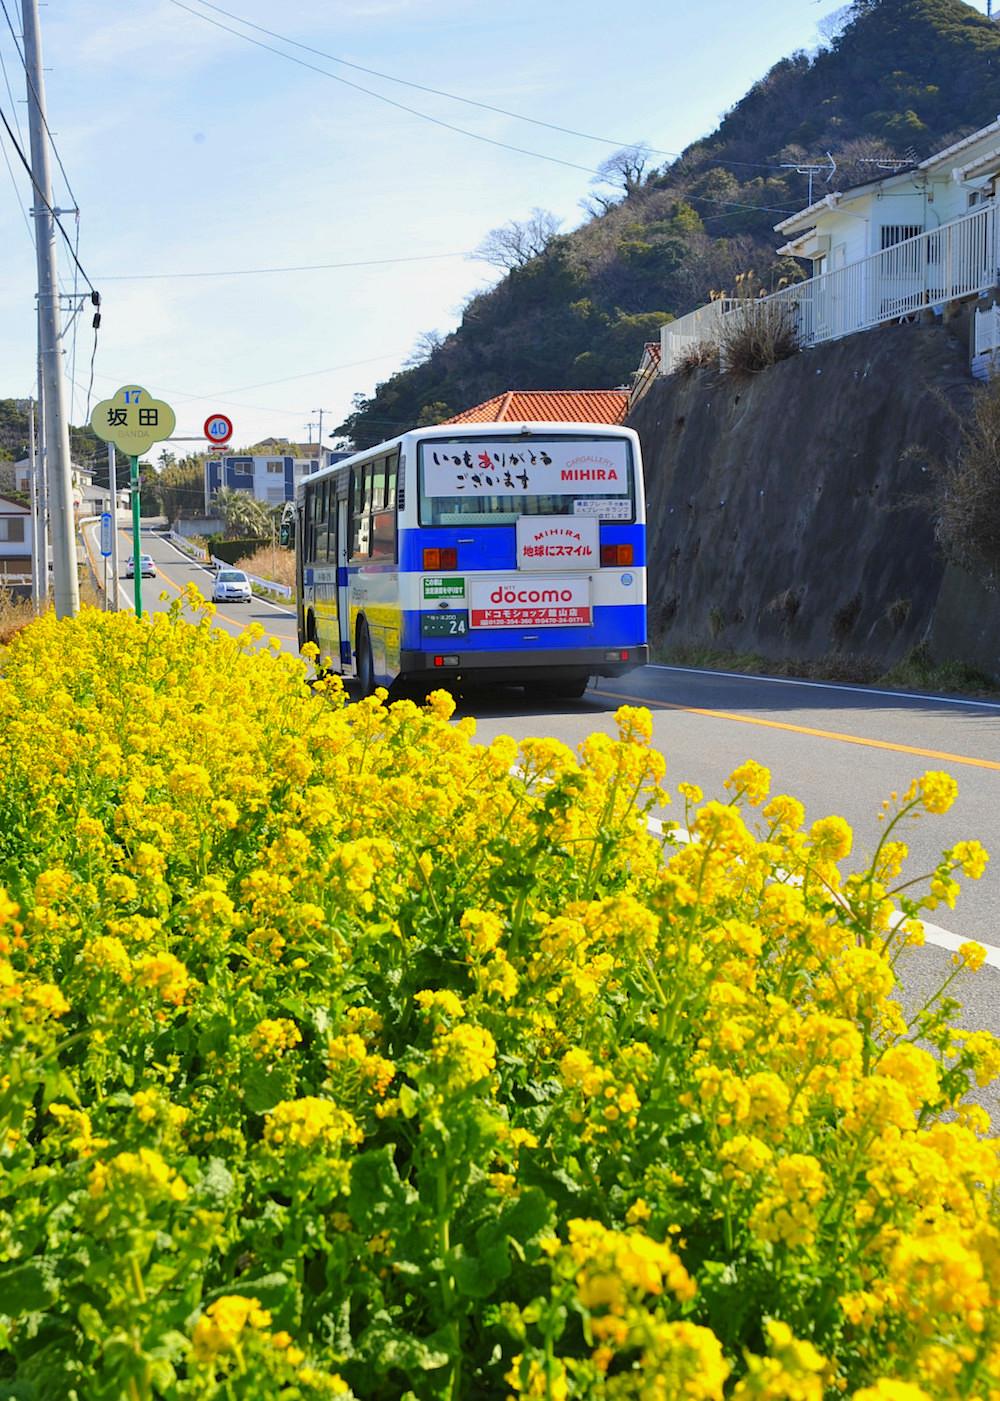 2月、3月の土休日にはJRバス『フラワー号』も運転